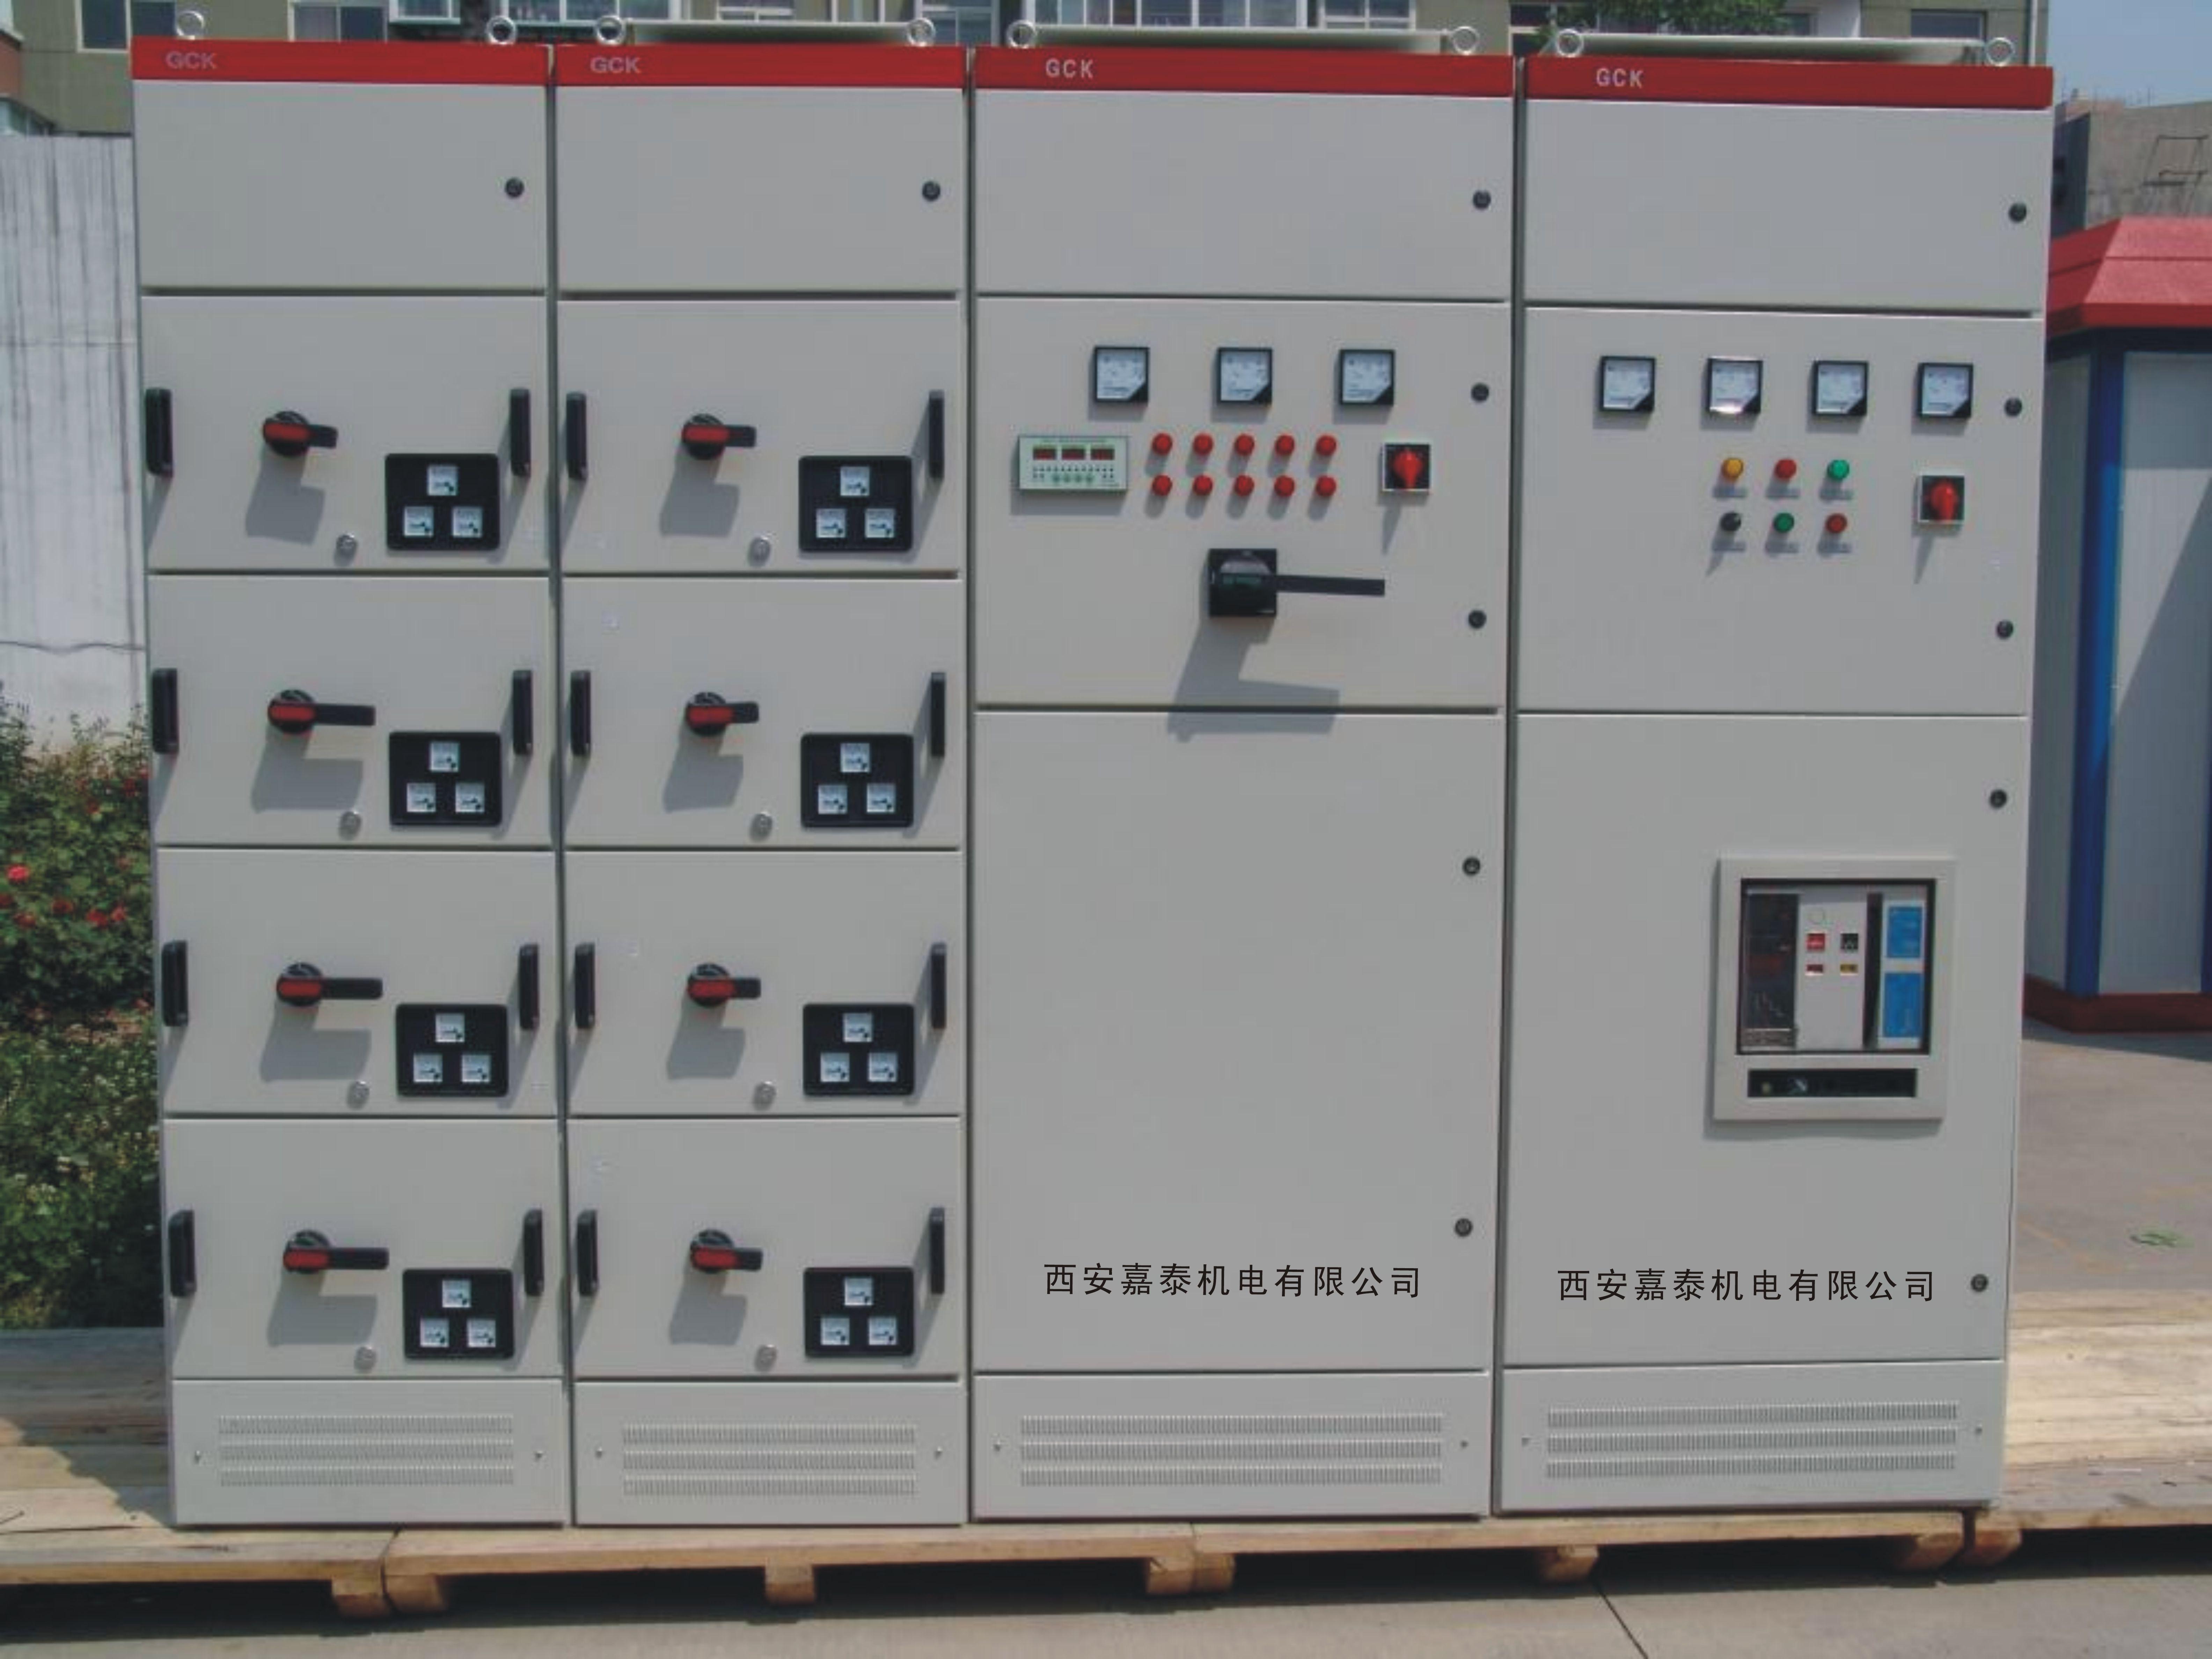 西安低氧燃烧机厂家告诉您生物质燃烧机改造燃煤锅炉的四大优点